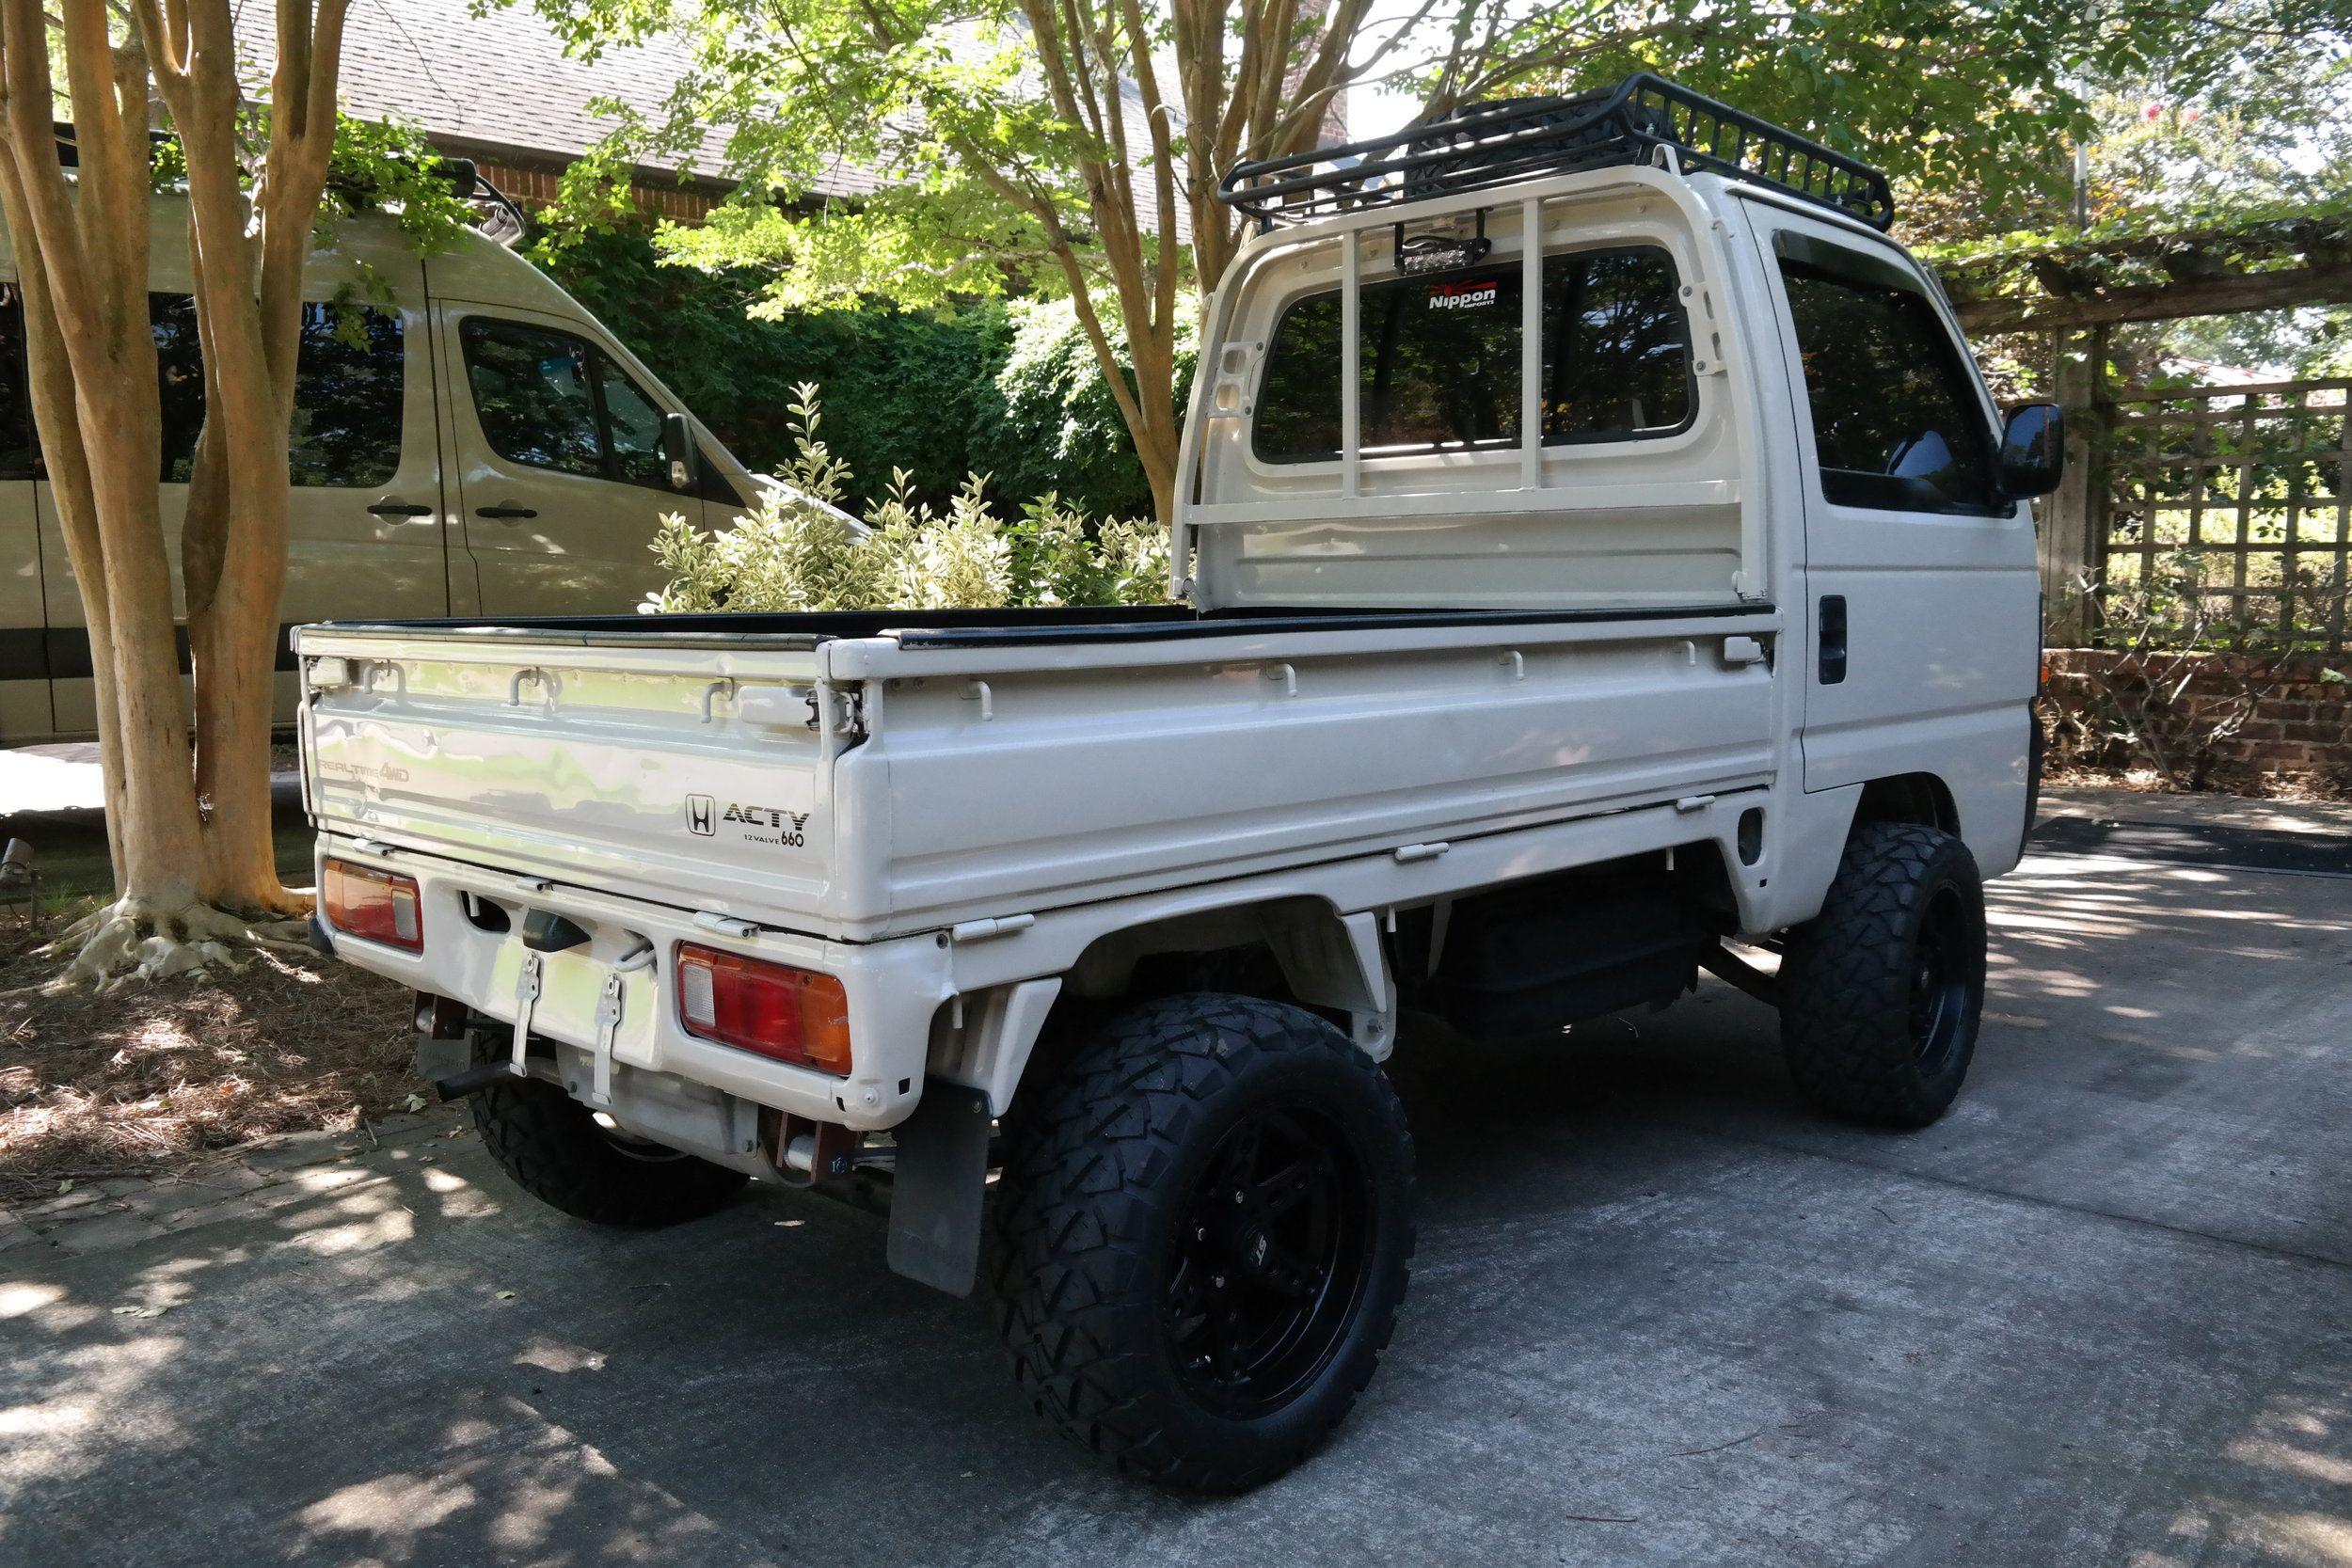 1994 Honda Acty Truck Nippon Imports In 2020 Mini Trucks Mini Trucks 4x4 Trucks